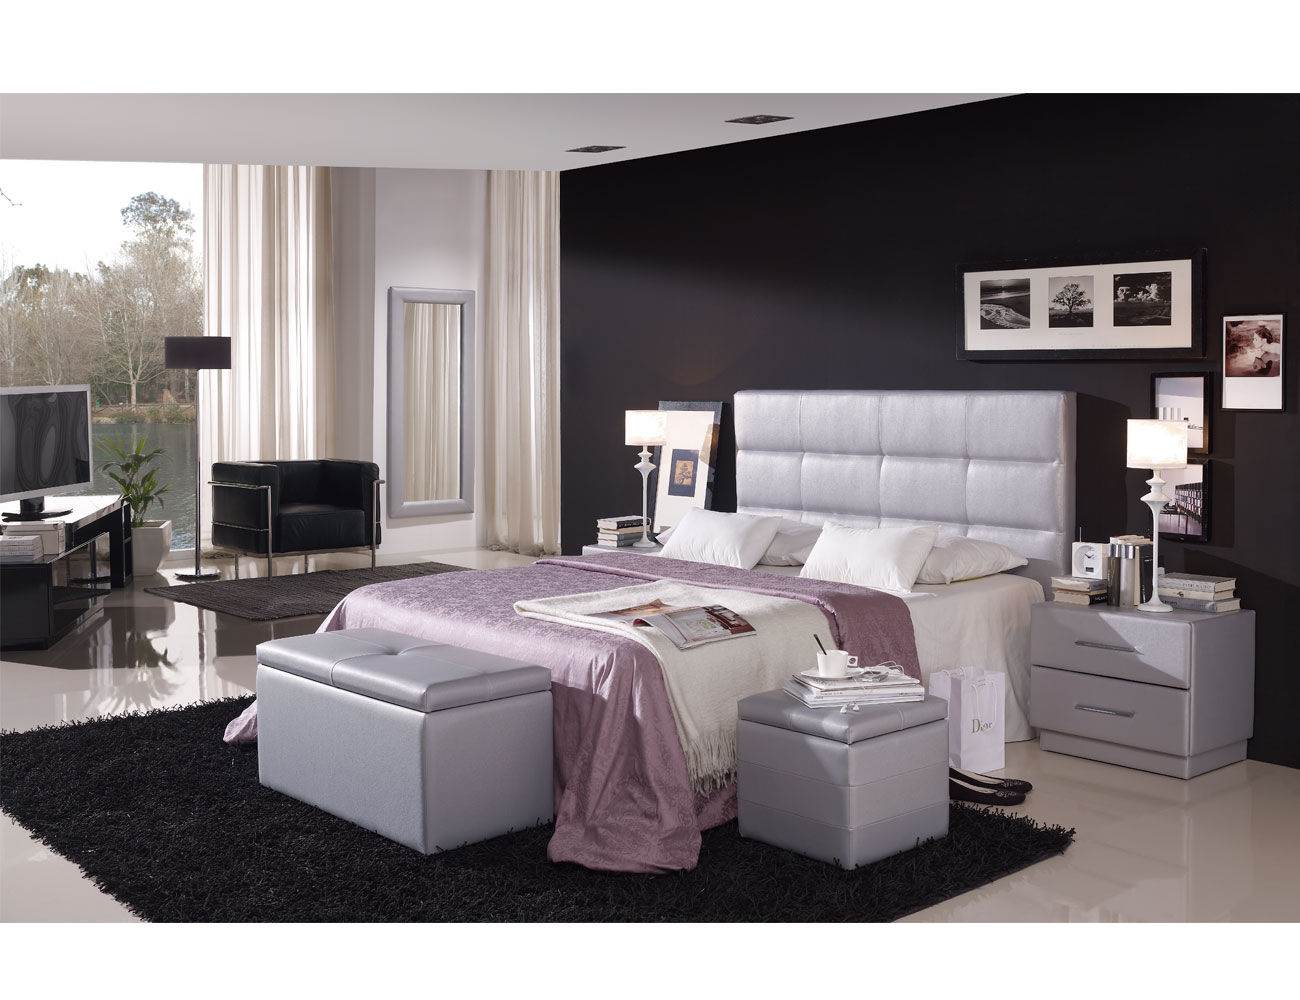 23 marco tapizado dormitorio910